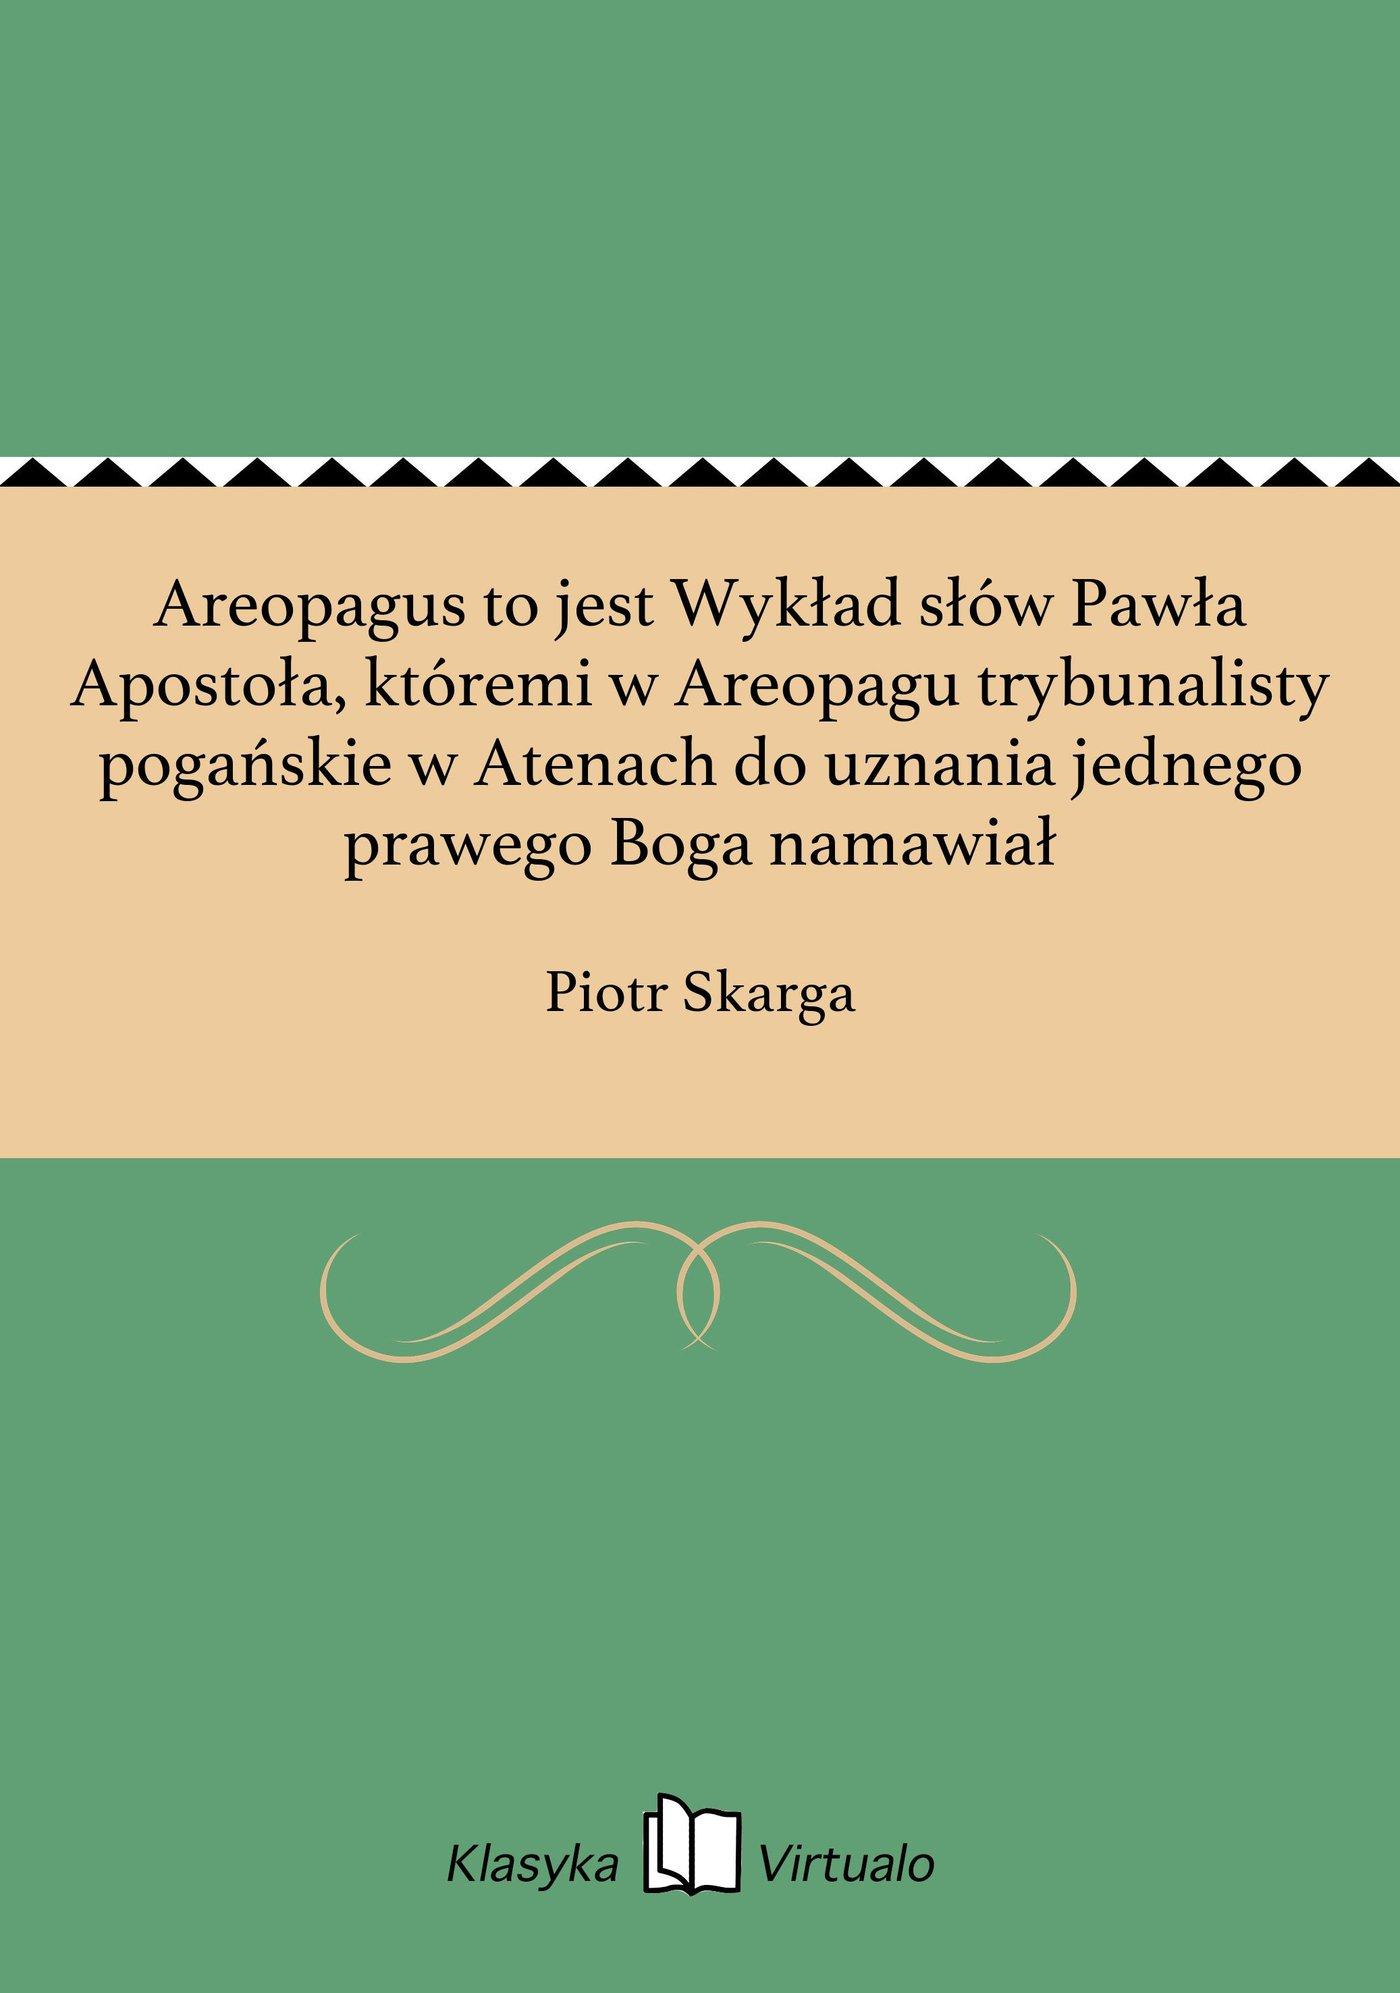 Areopagus to jest Wykład słów Pawła Apostoła, któremi w Areopagu trybunalisty pogańskie w Atenach do uznania jednego prawego Boga namawiał - Ebook (Książka na Kindle) do pobrania w formacie MOBI